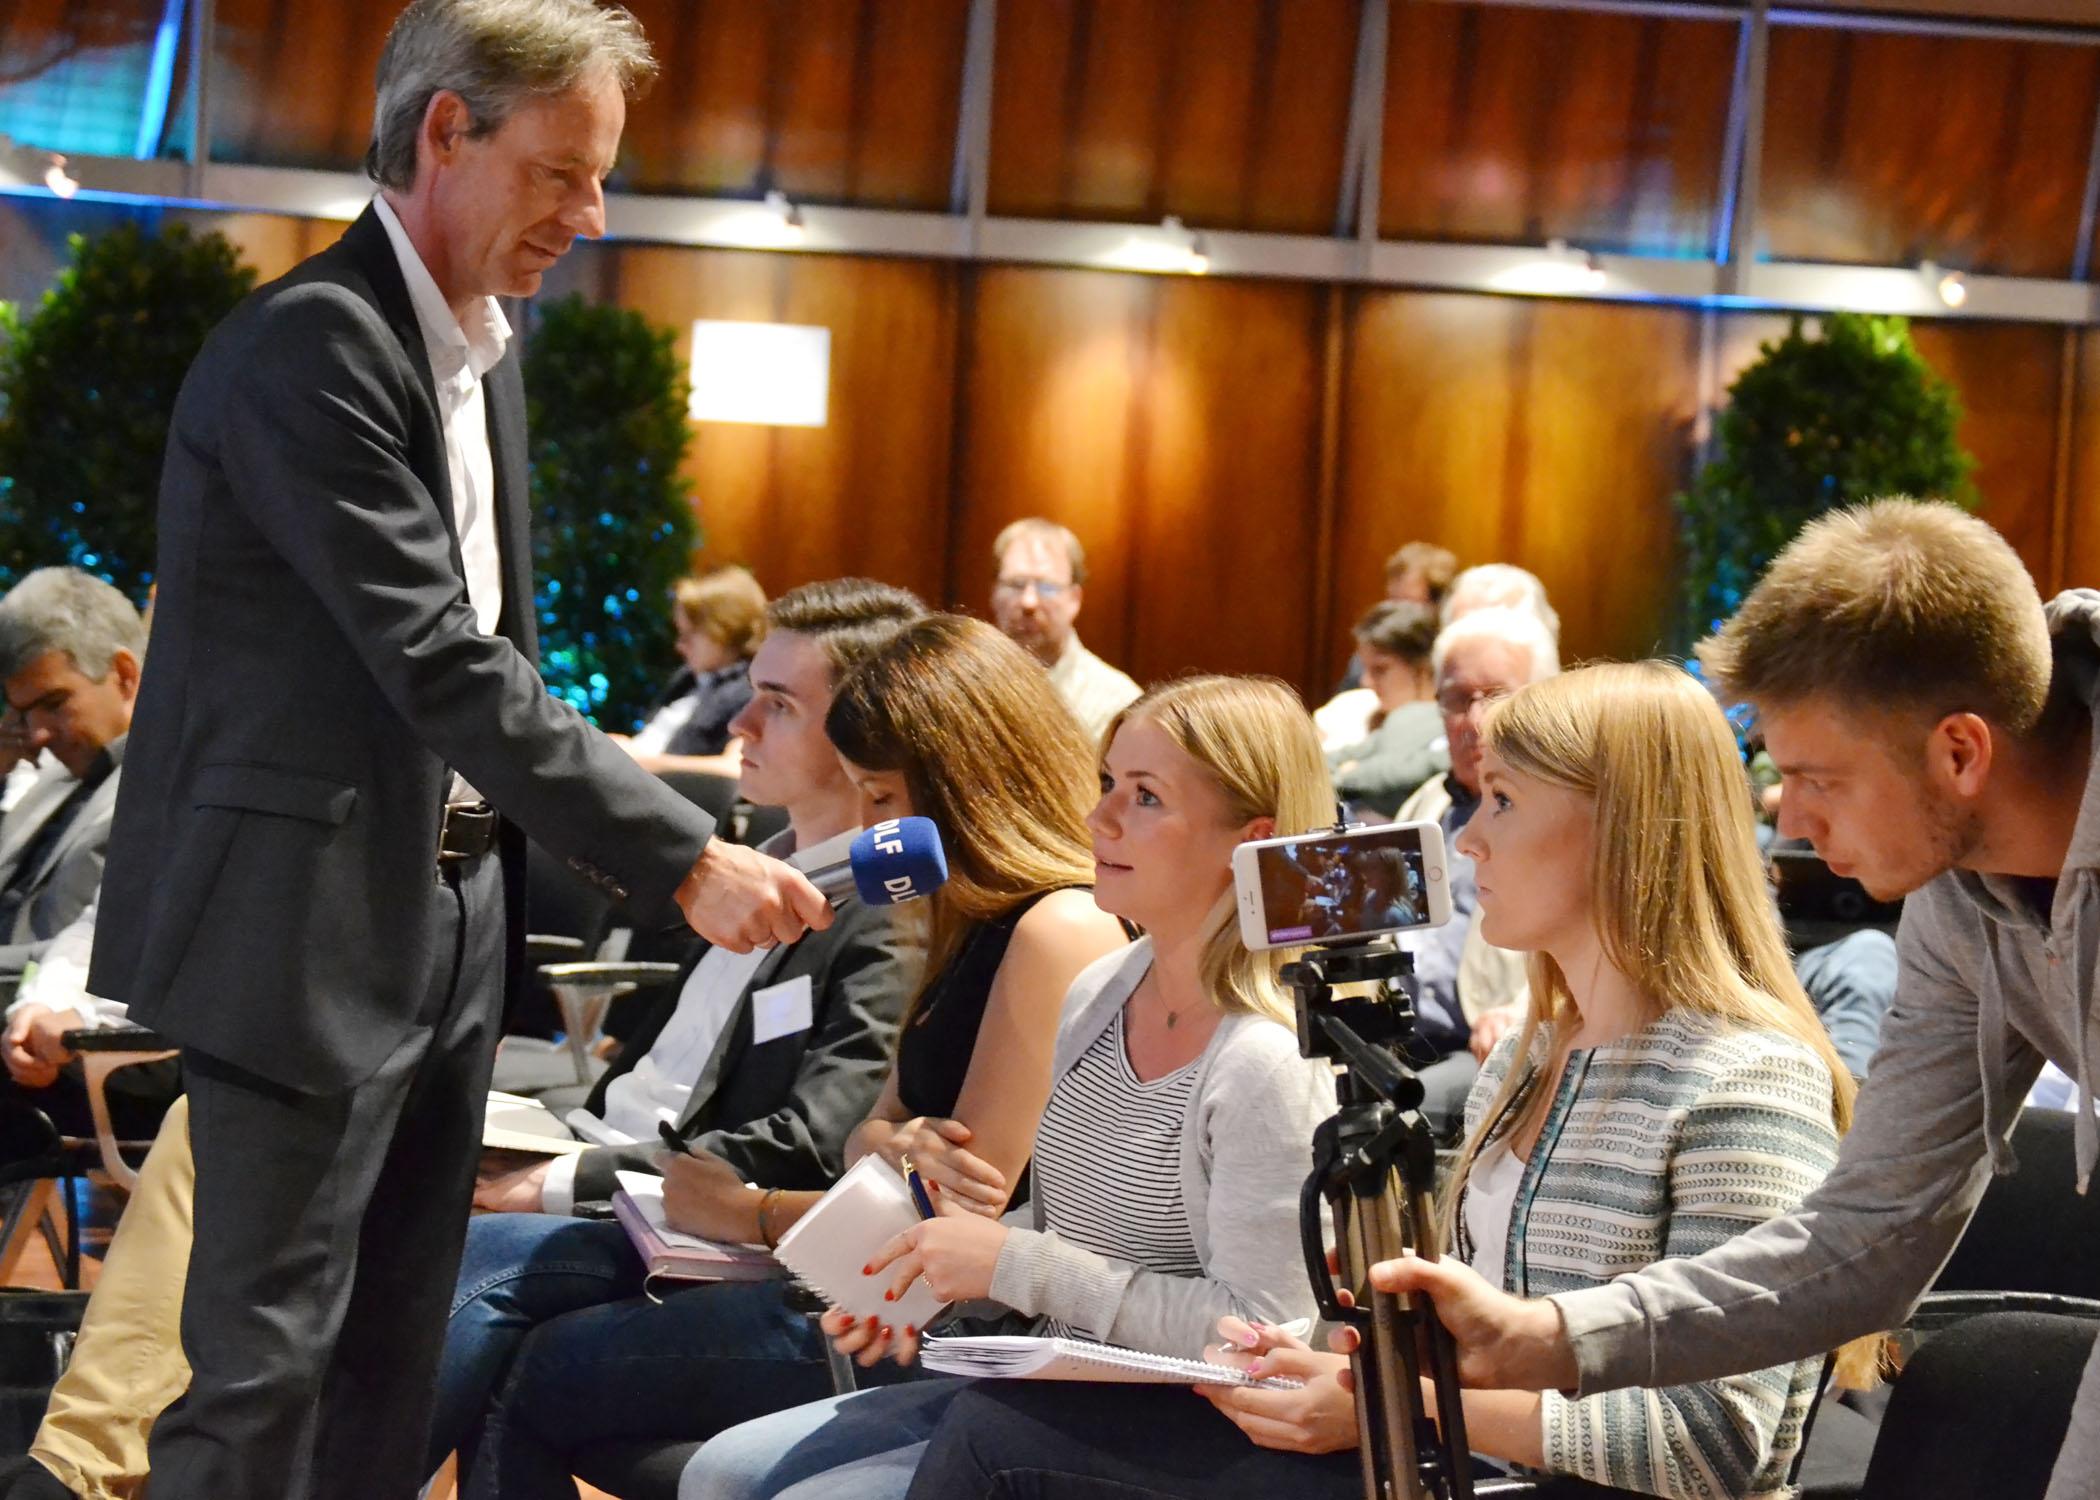 Studierende im Publikum nutzten die Gelegenheit, die Gesprächsrundenteilnehmer/innen zu befragen.